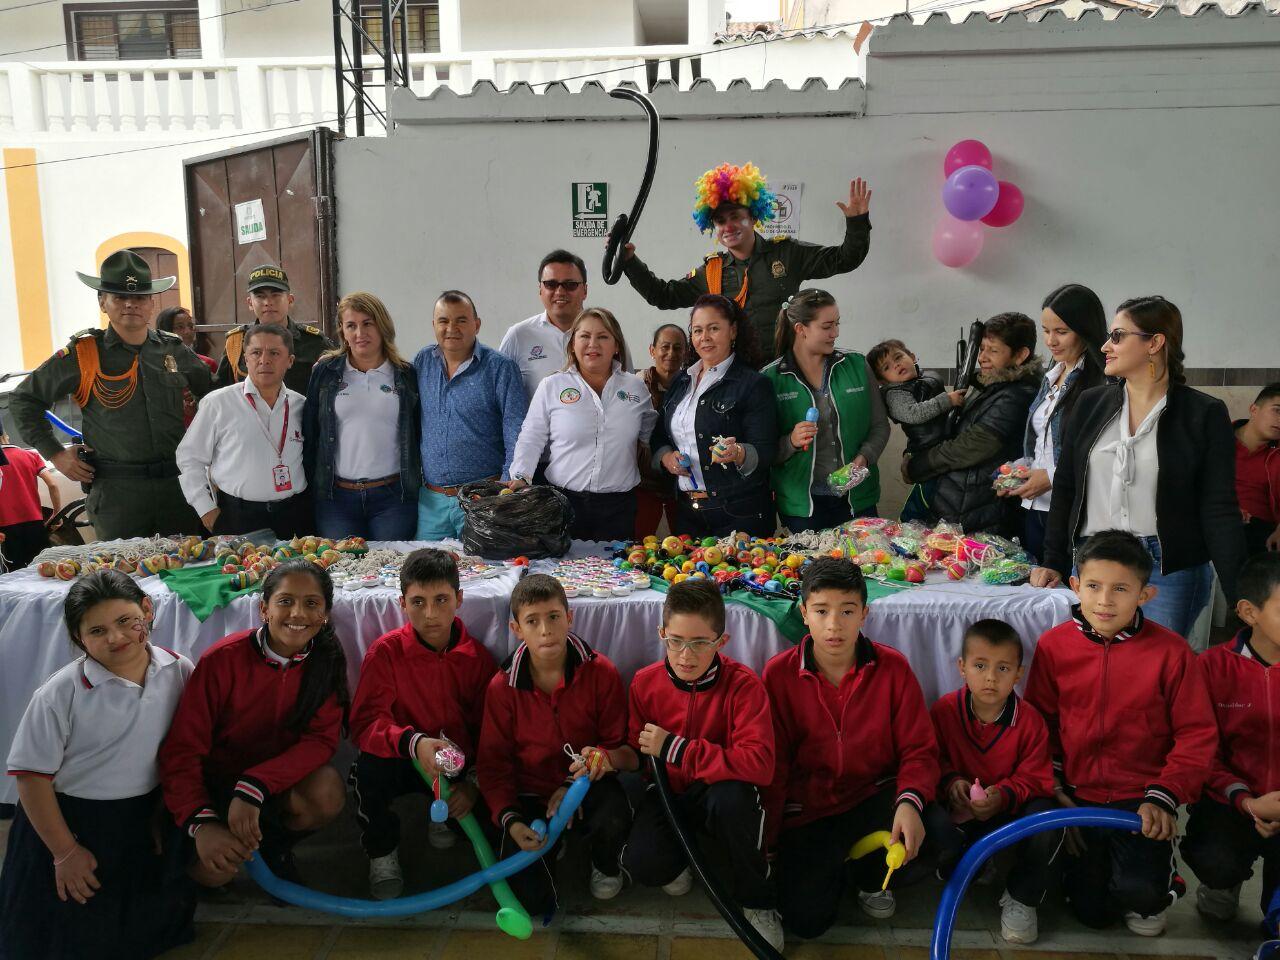 Los Juegos Tradicionales Estan De Moda En Norte De Santander